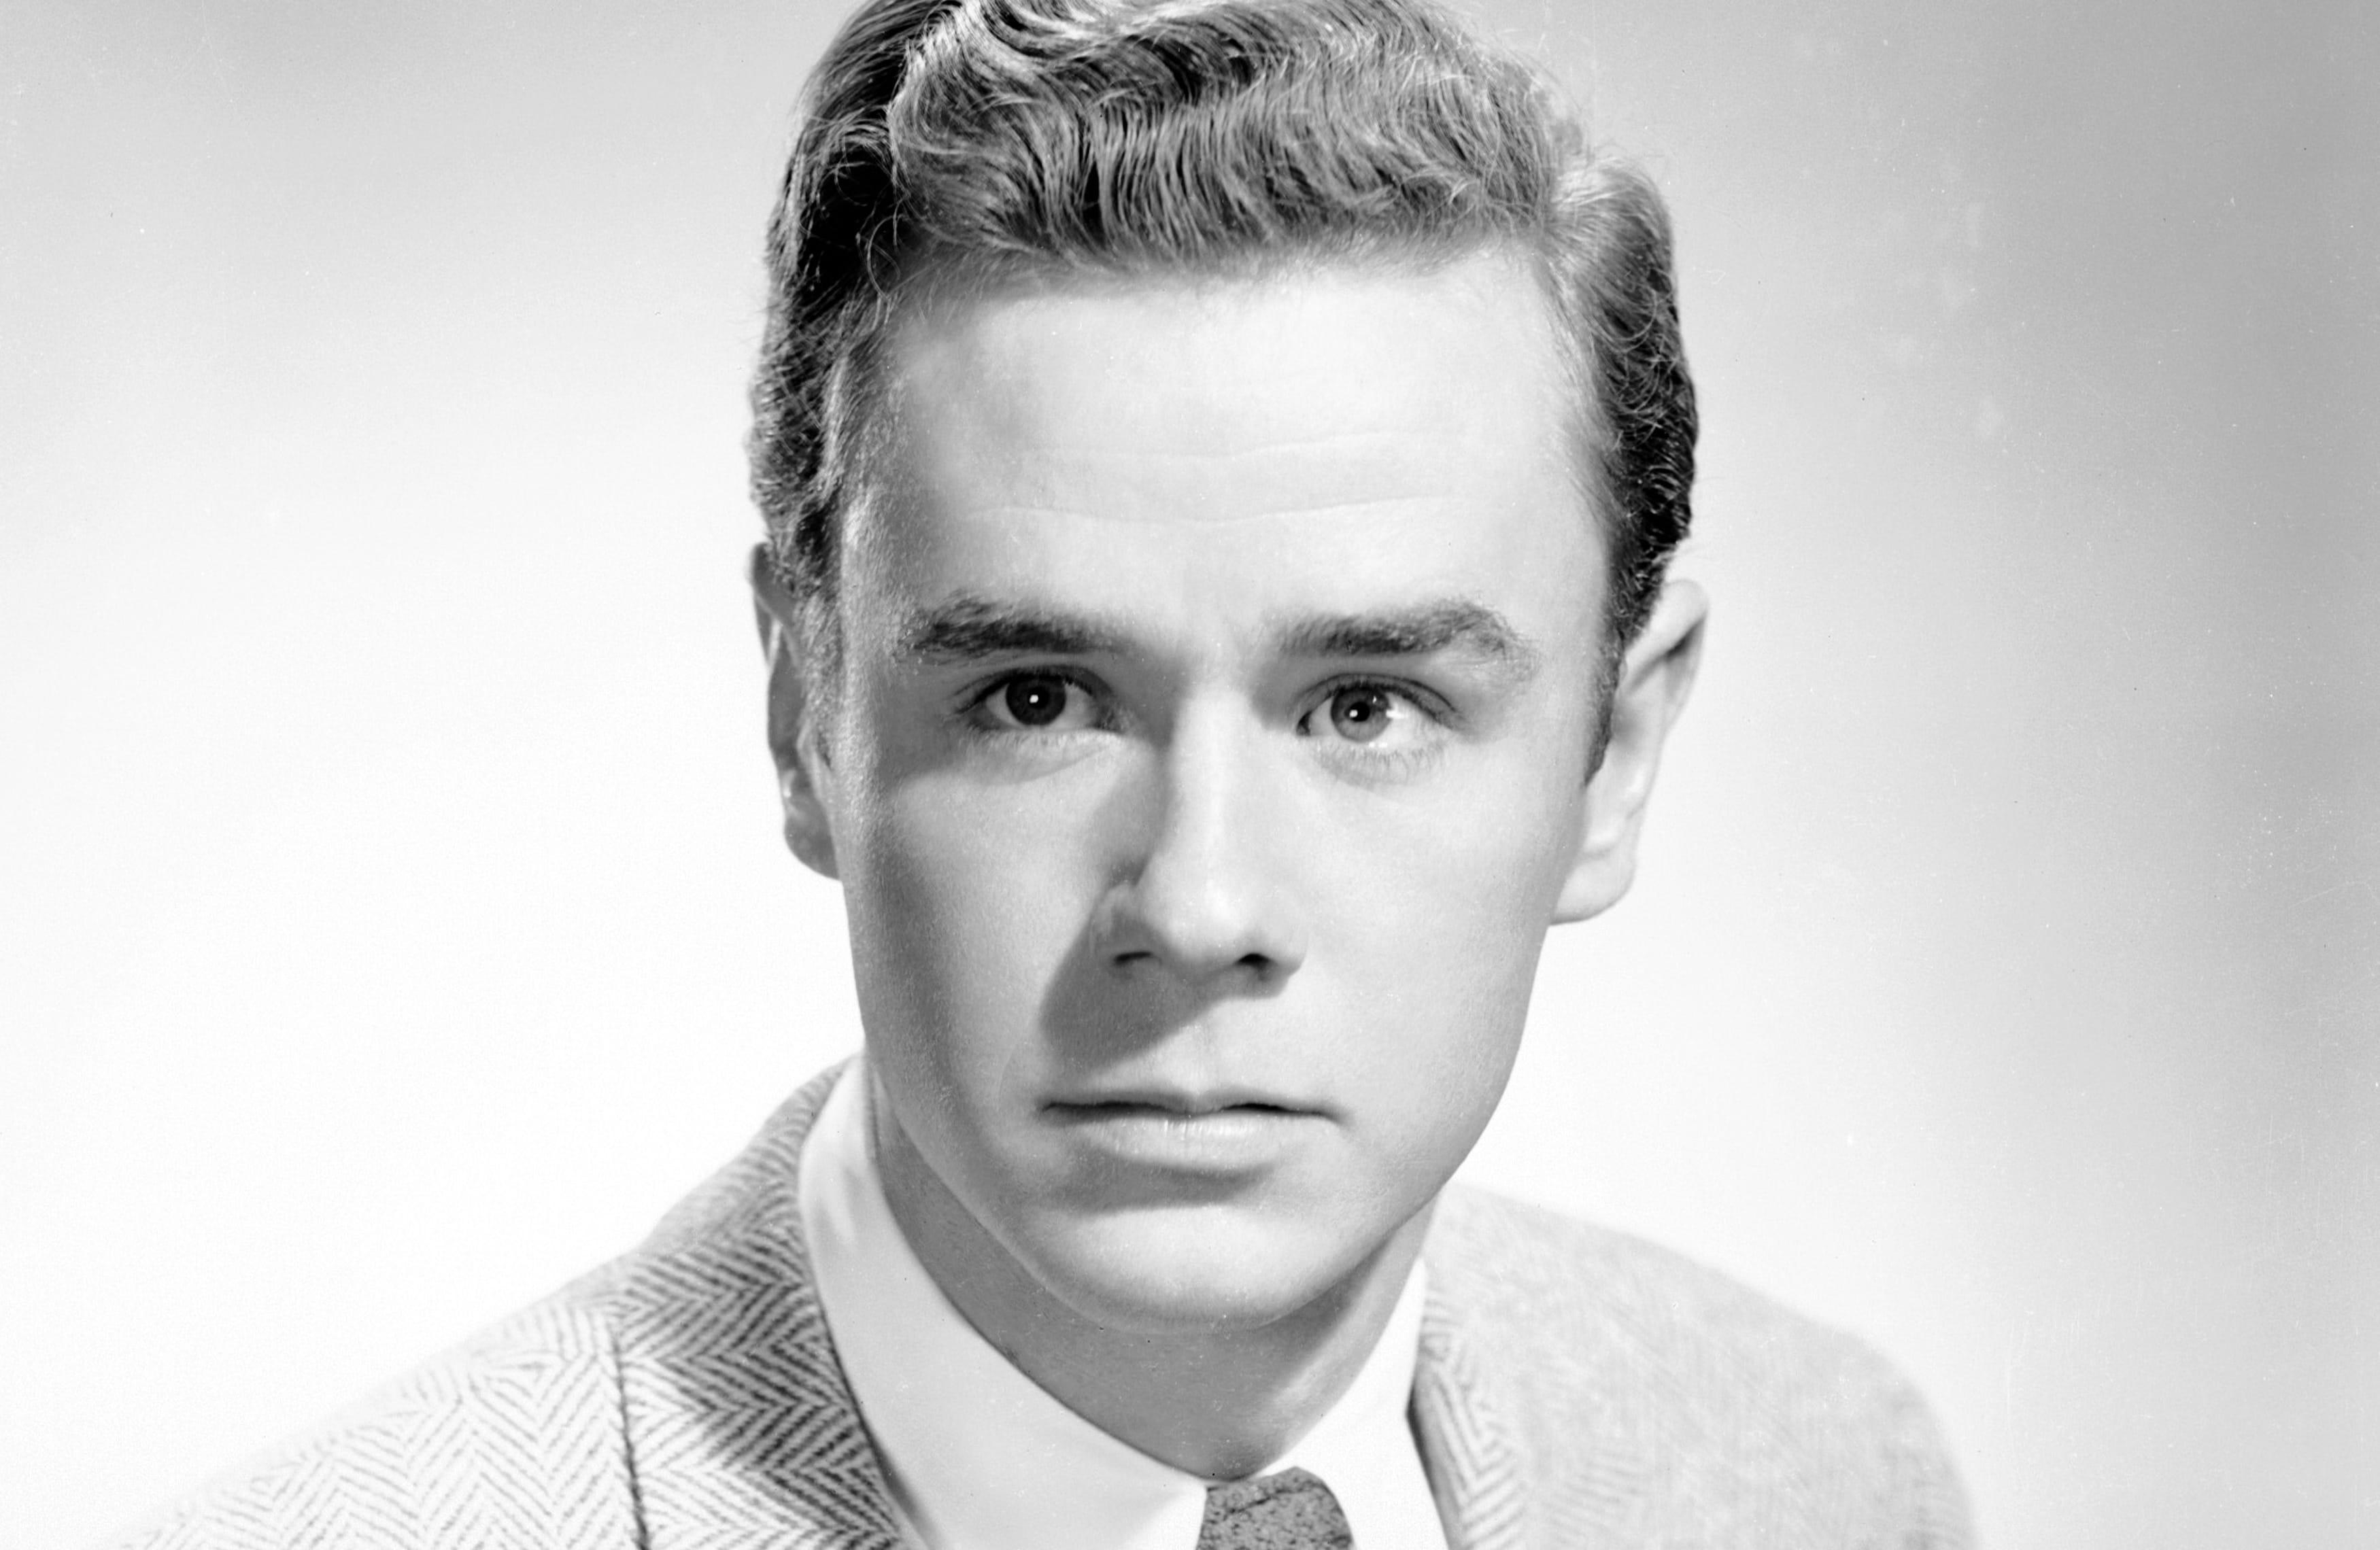 Marshall Thompson